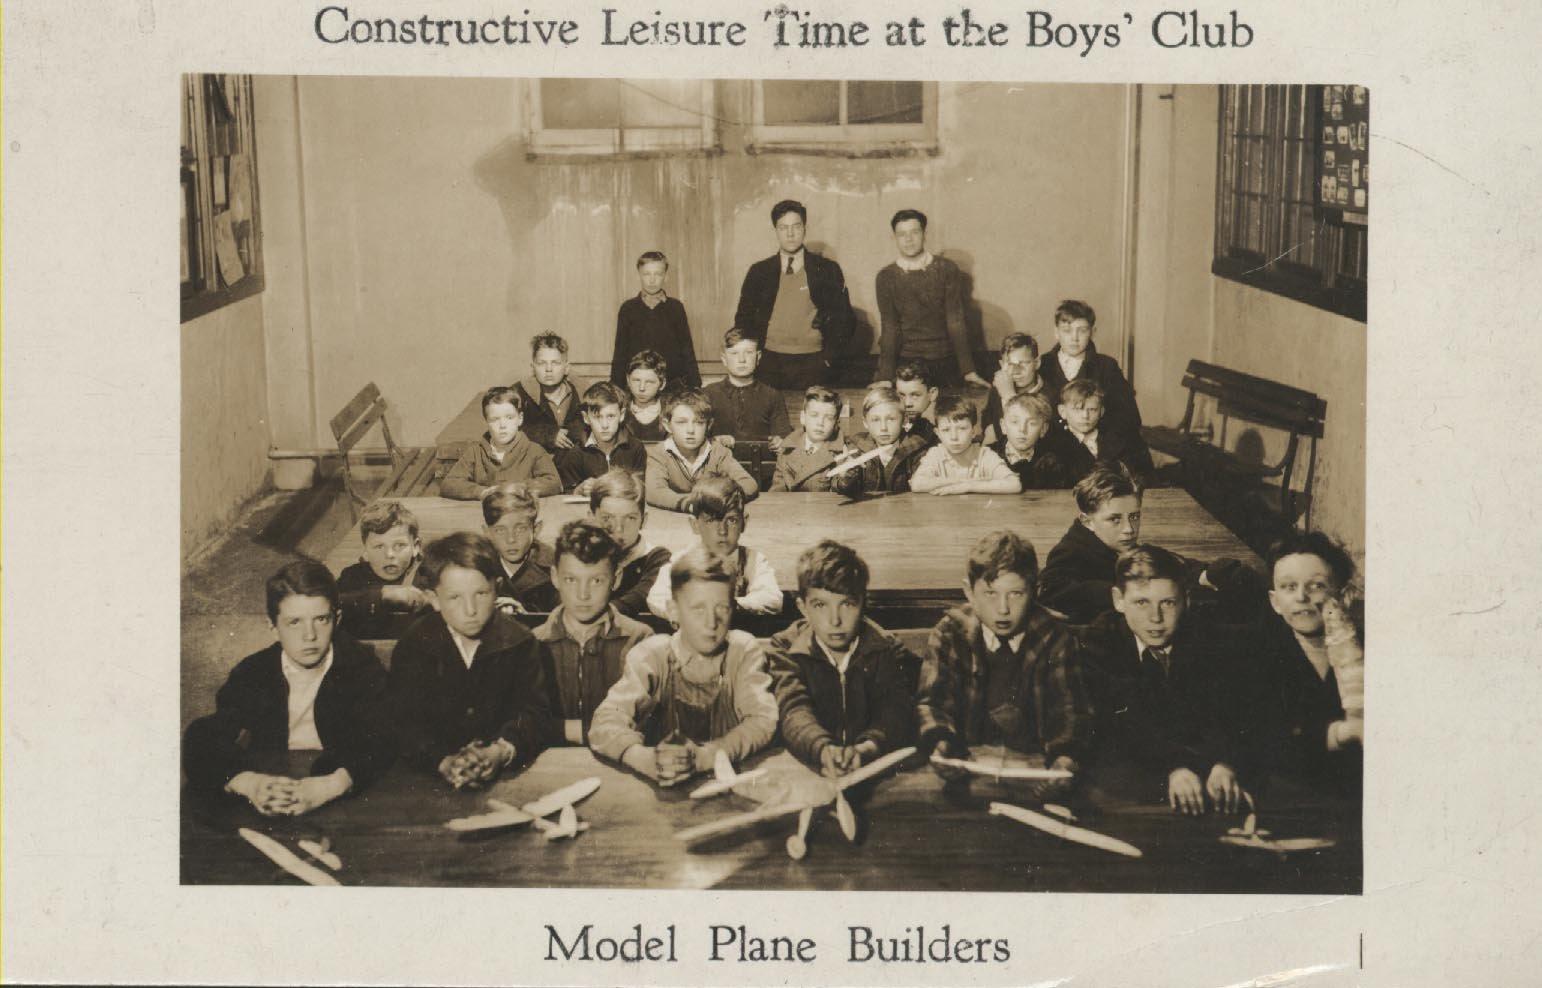 Boys' Club Model Plane Builders